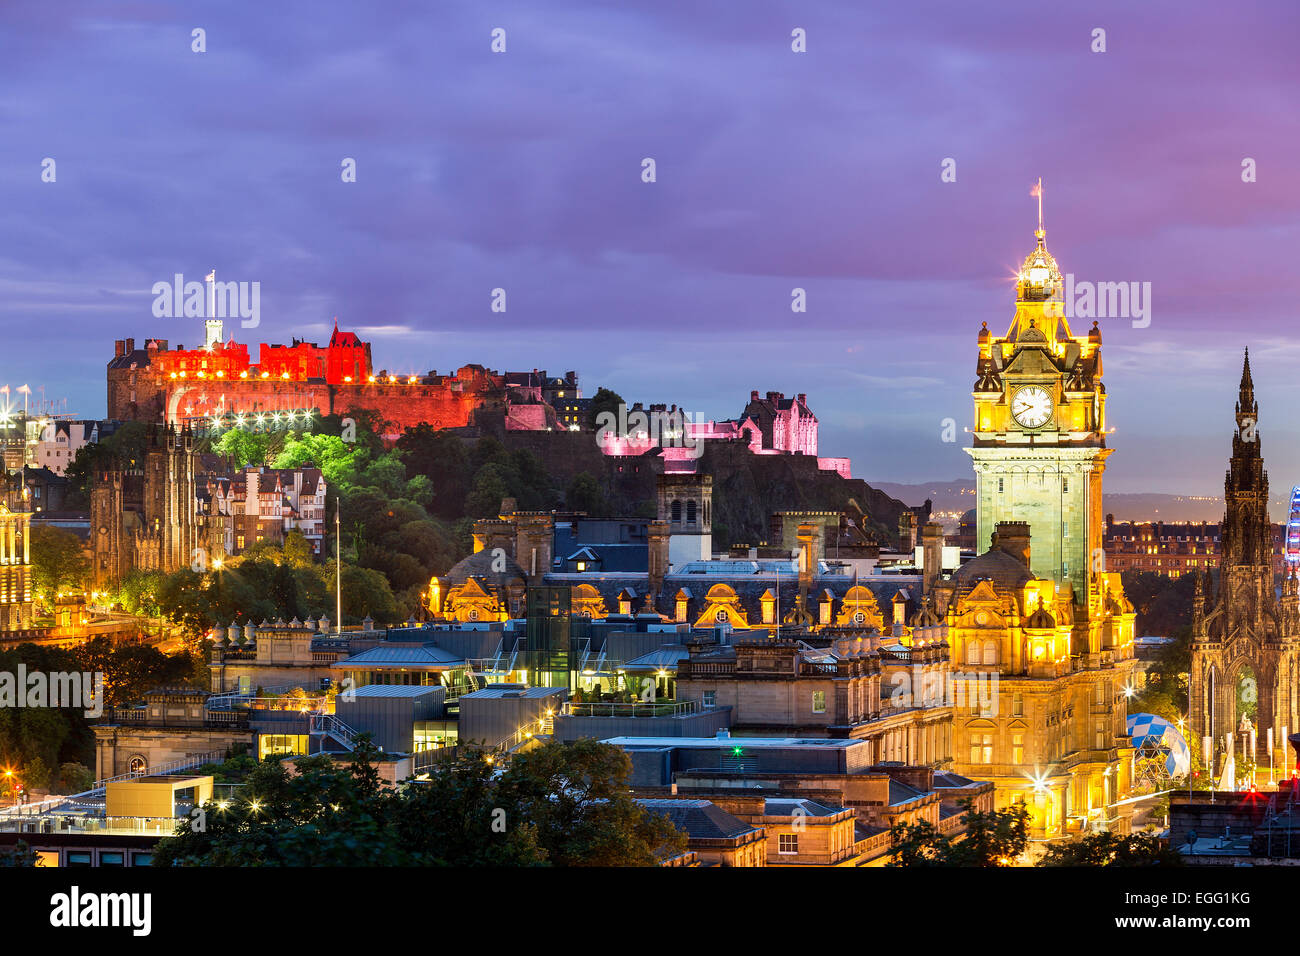 La skyline di Edimburgo con il castello di Edimburgo in background. Fotografato da Calton Hill subito dopo il tramonto. Immagini Stock